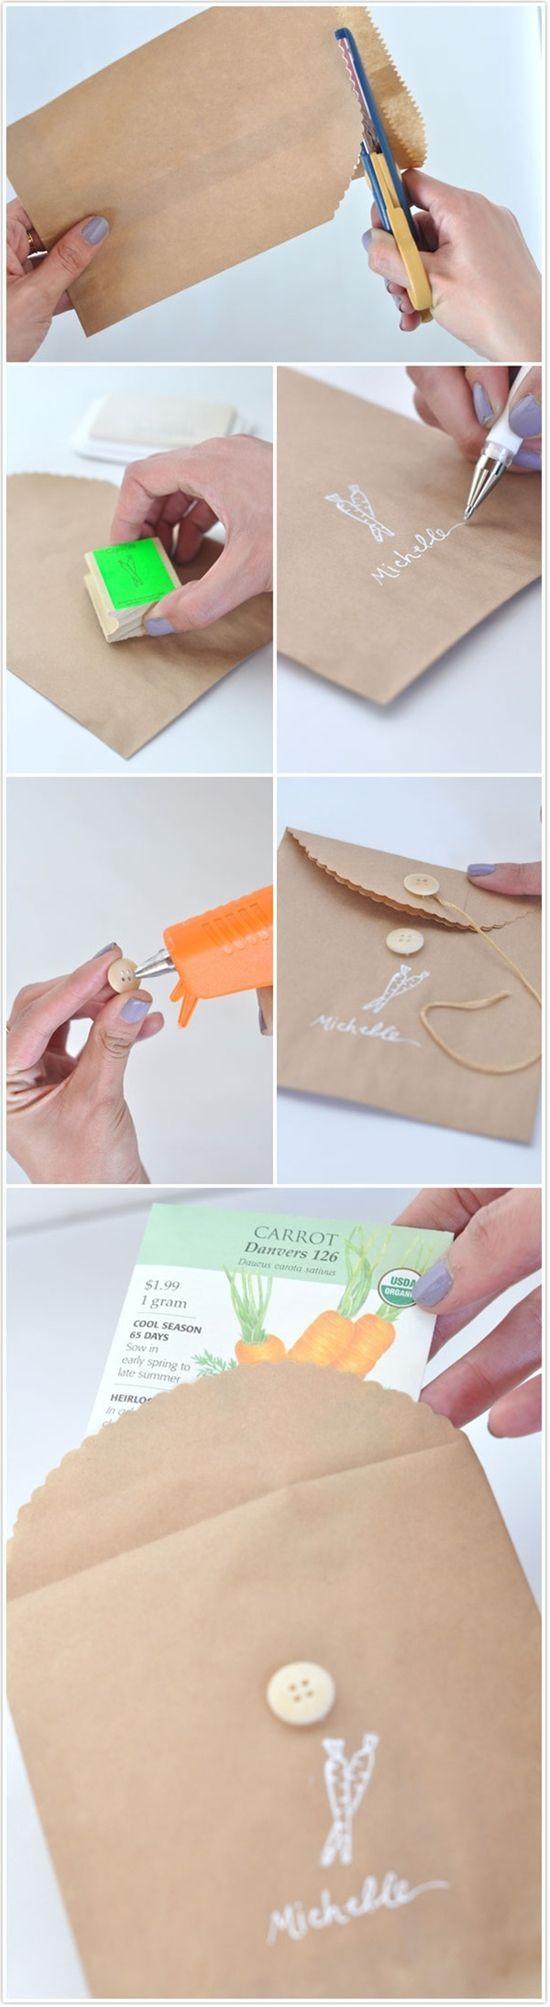 Simpele, bruine zakken, twee knopen, een touwtje en witte pen. In dit geval is het een zakje voor zaadjes, maar voor jou is het een envelop voor je geboortekaartje